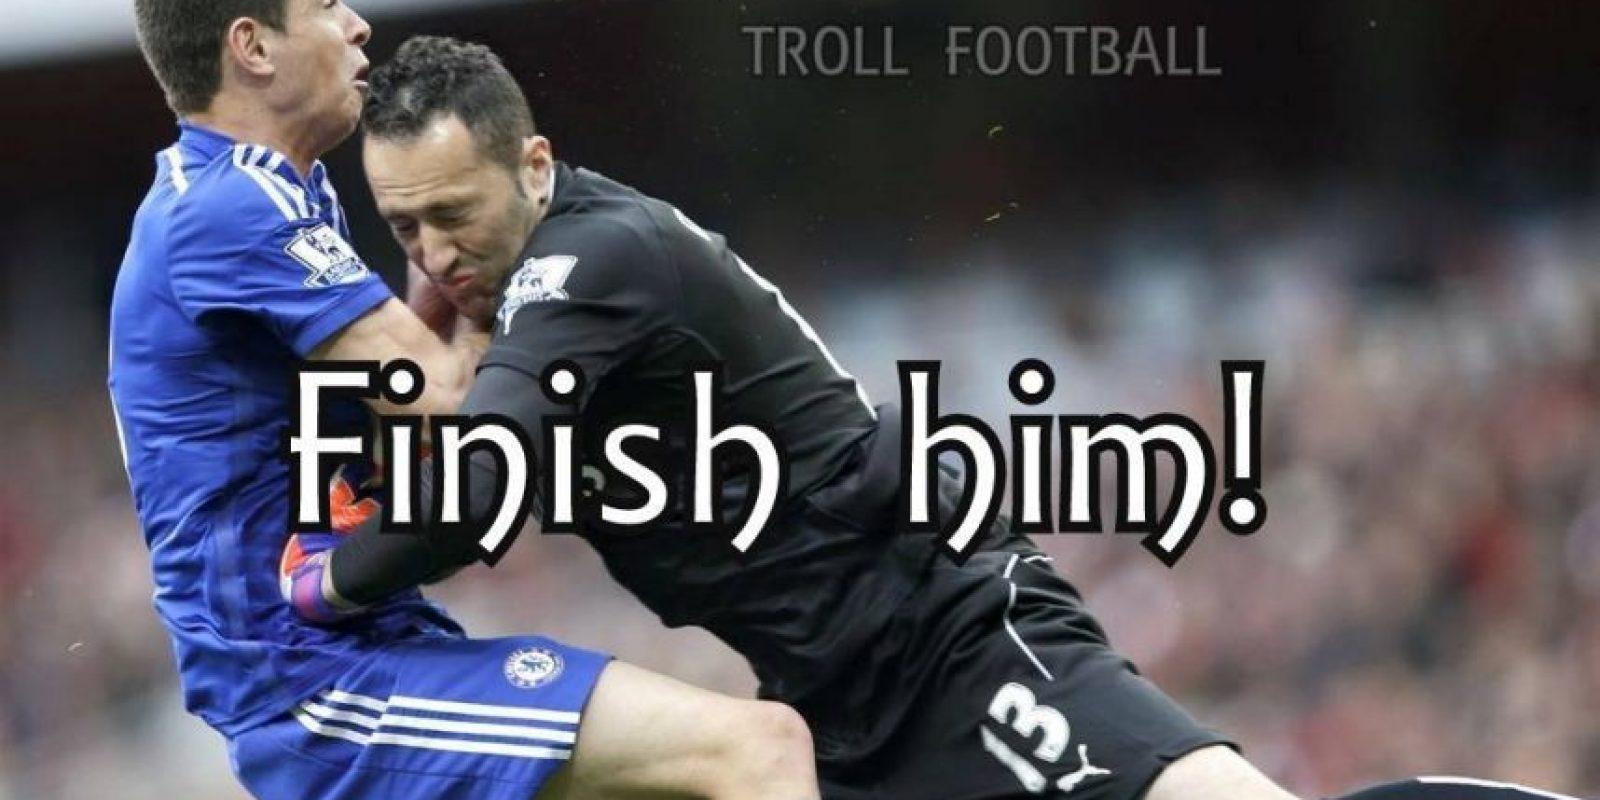 Oscar anticipó en la jugada a Ospina y el arquero no pudo quitarle la pelota, pero se lo llevó por delante. Foto:Vía Twitter.com/troll__football